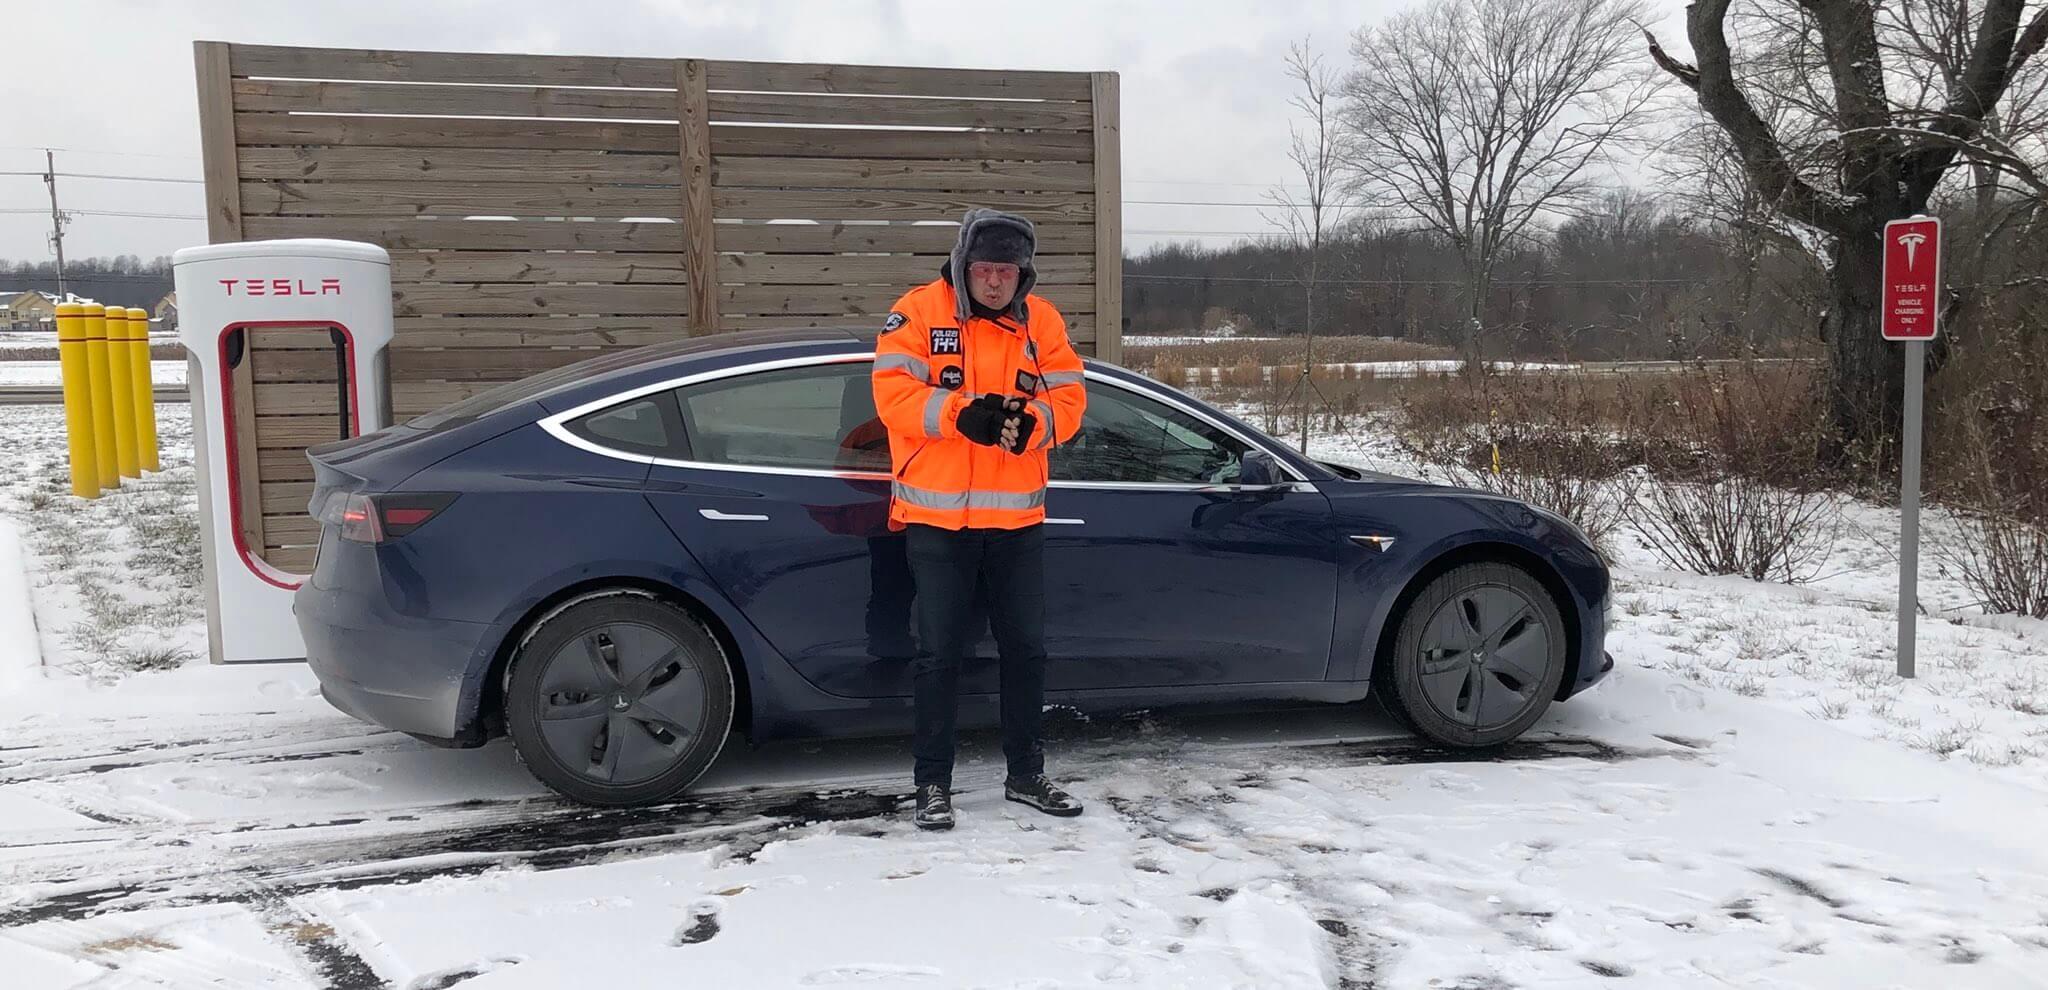 Пробіг Tesla Model 3: 4500 км в морозну погоду